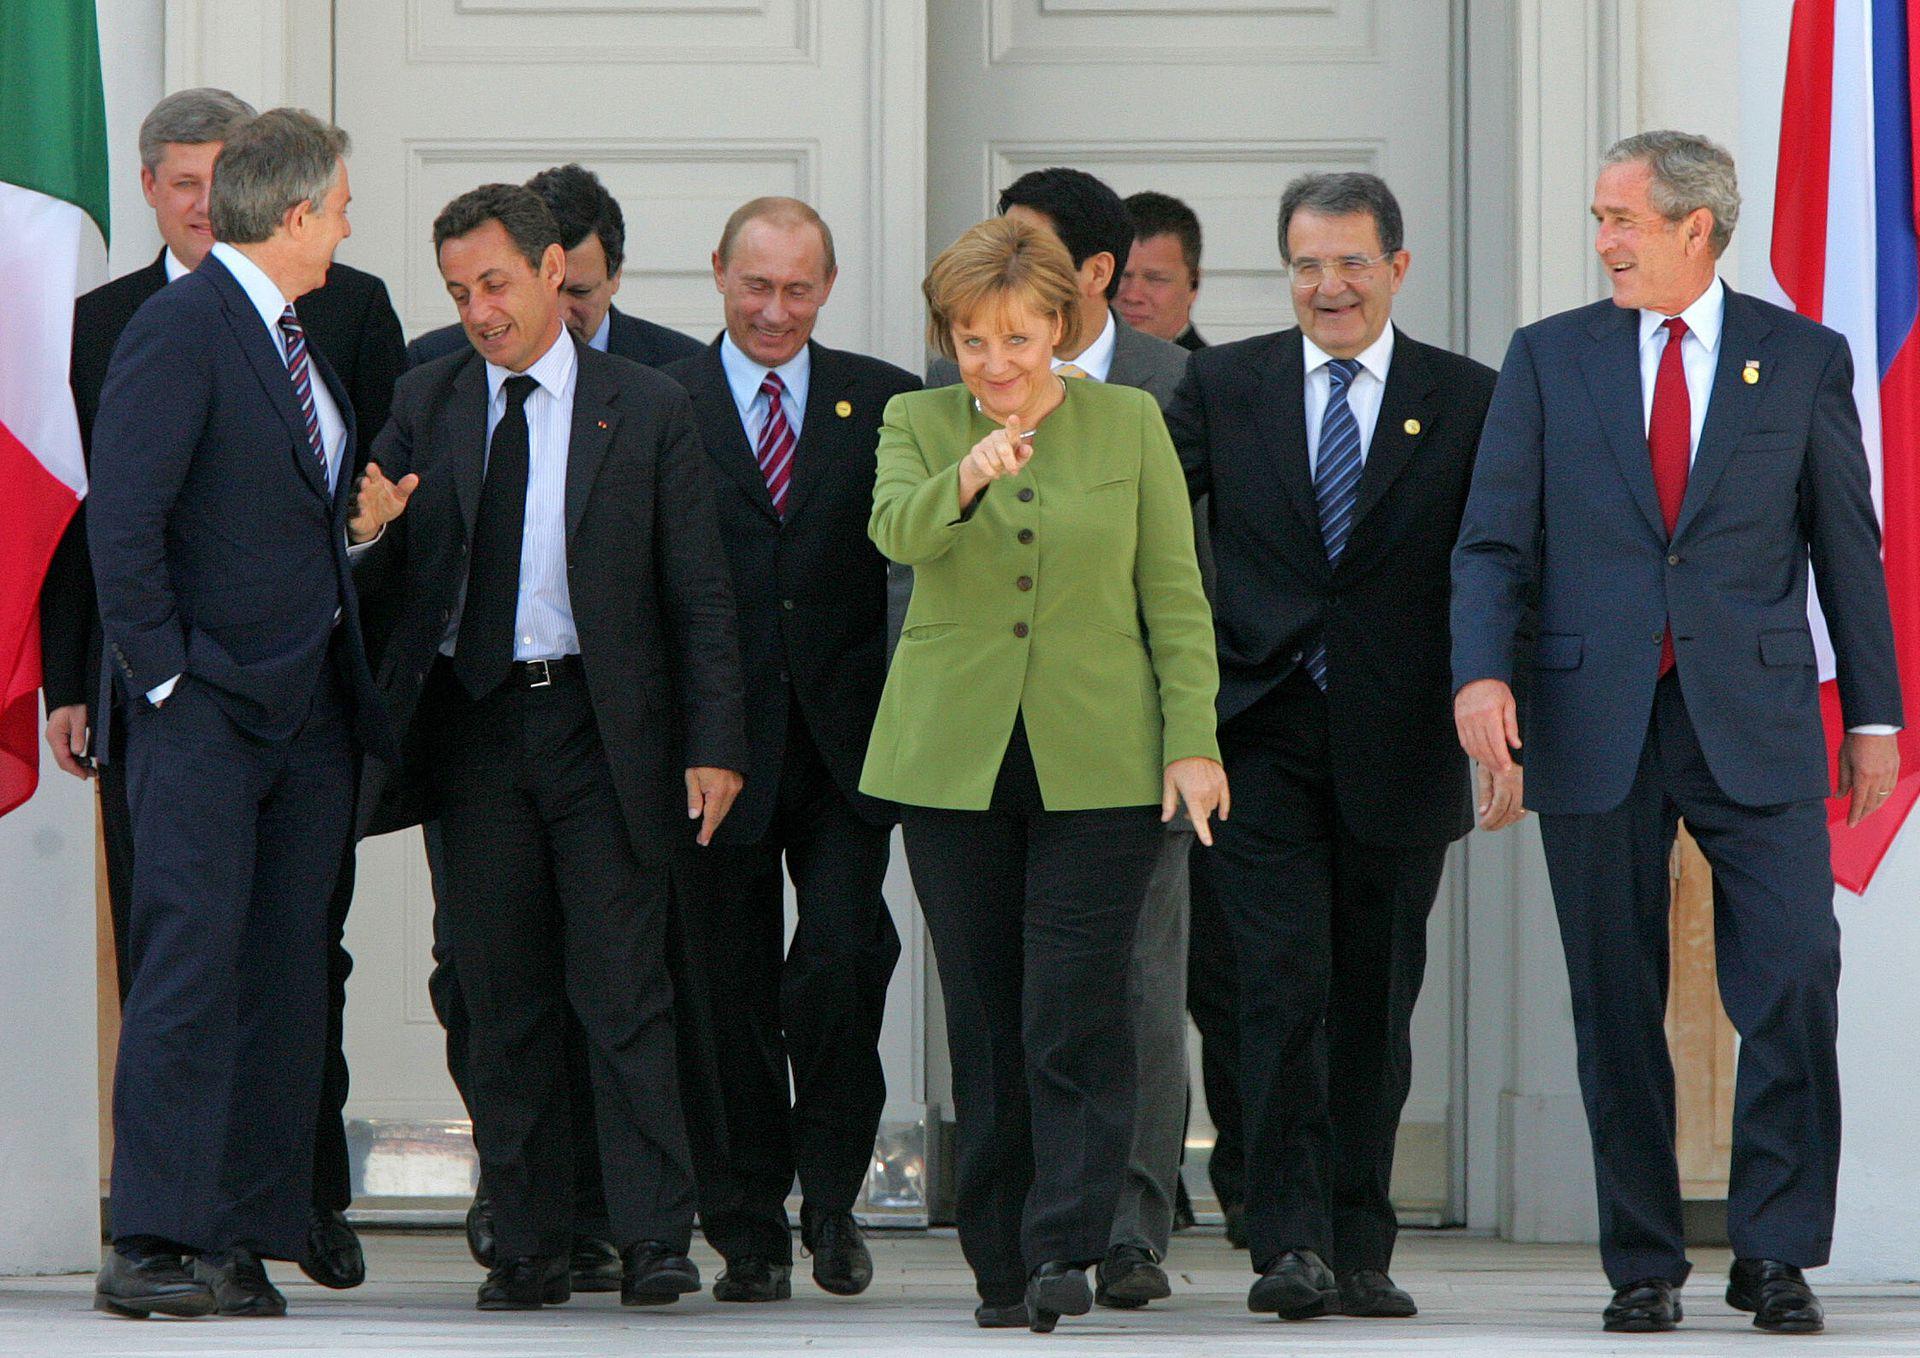 Merkel, rodeada de hombres, el 7 de junio de 2007: estaba junto a George Bush (EE.UU.), Romano Prodi (Italia), Shinzo Abe (Japón), Vladimir Putin (Rusia), Nicolas Sarkozy (Francia), José Manuel Barroso (UE), Tony Blair (Gran Bretaña) y Stephen Harper (Canadá), durante la cumbre del G8 en Heiligendamm, Alemania